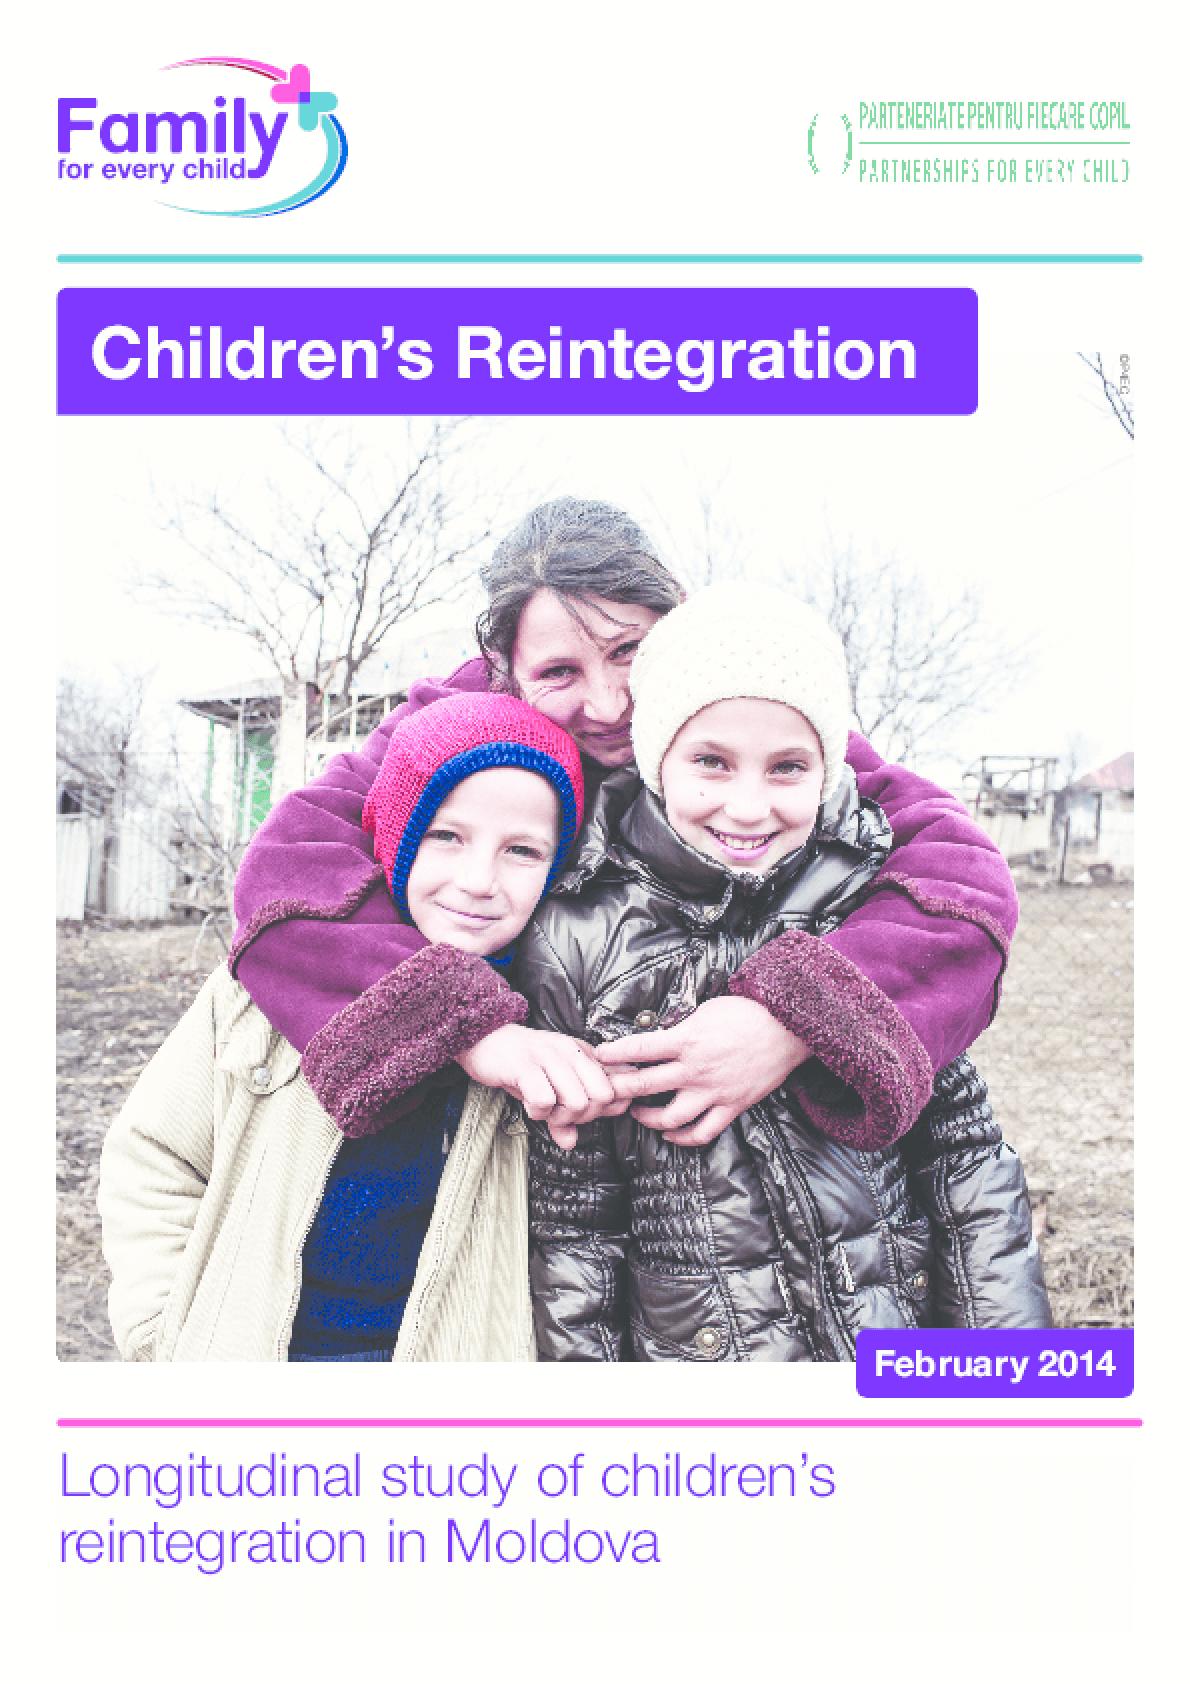 Longitudinal Study of Children's Reintegration in Moldova